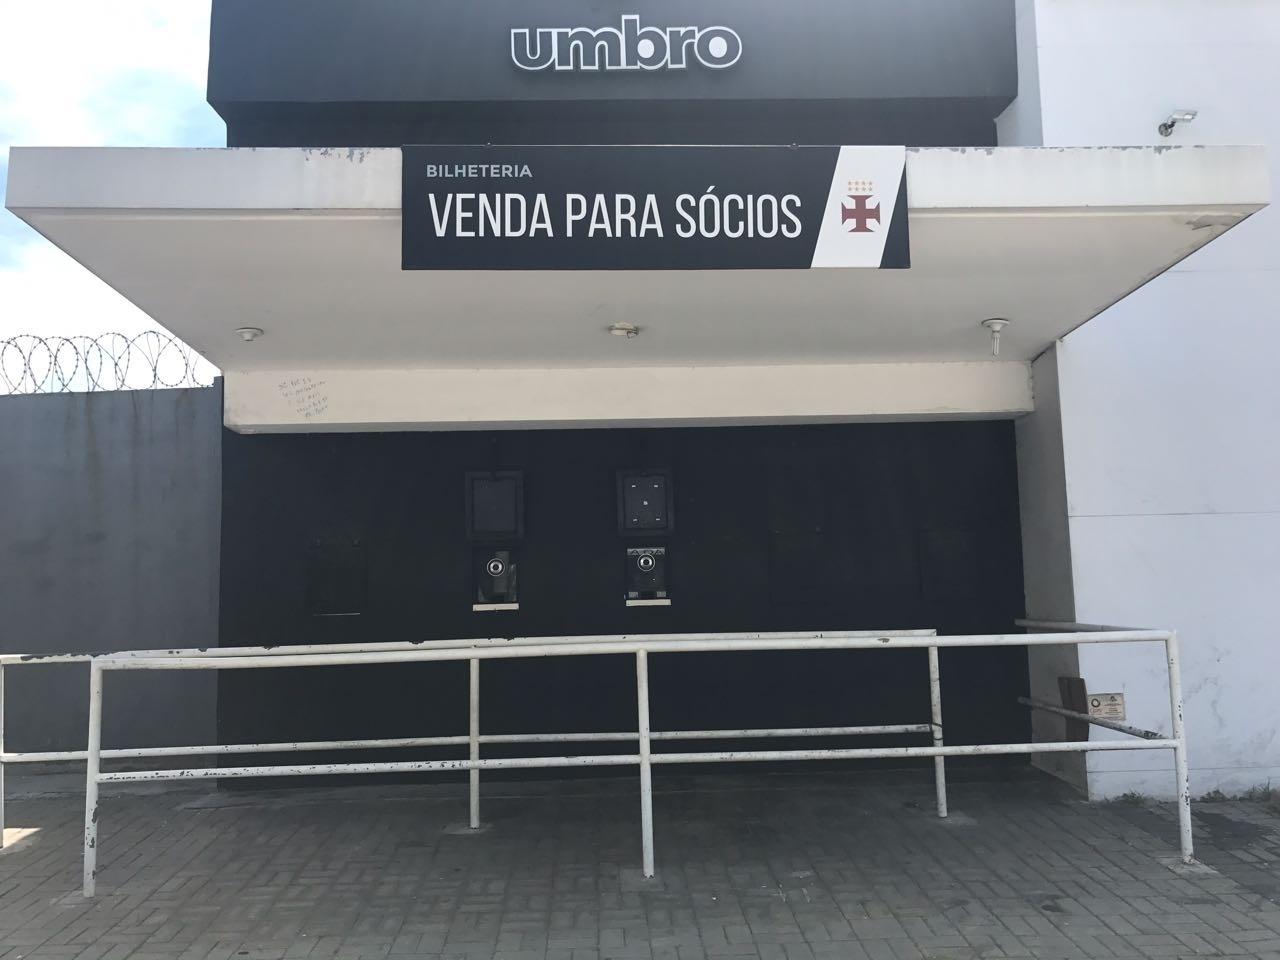 Bilheterias de São Januário não estão comercializando ingressos para Vasco x Bangu